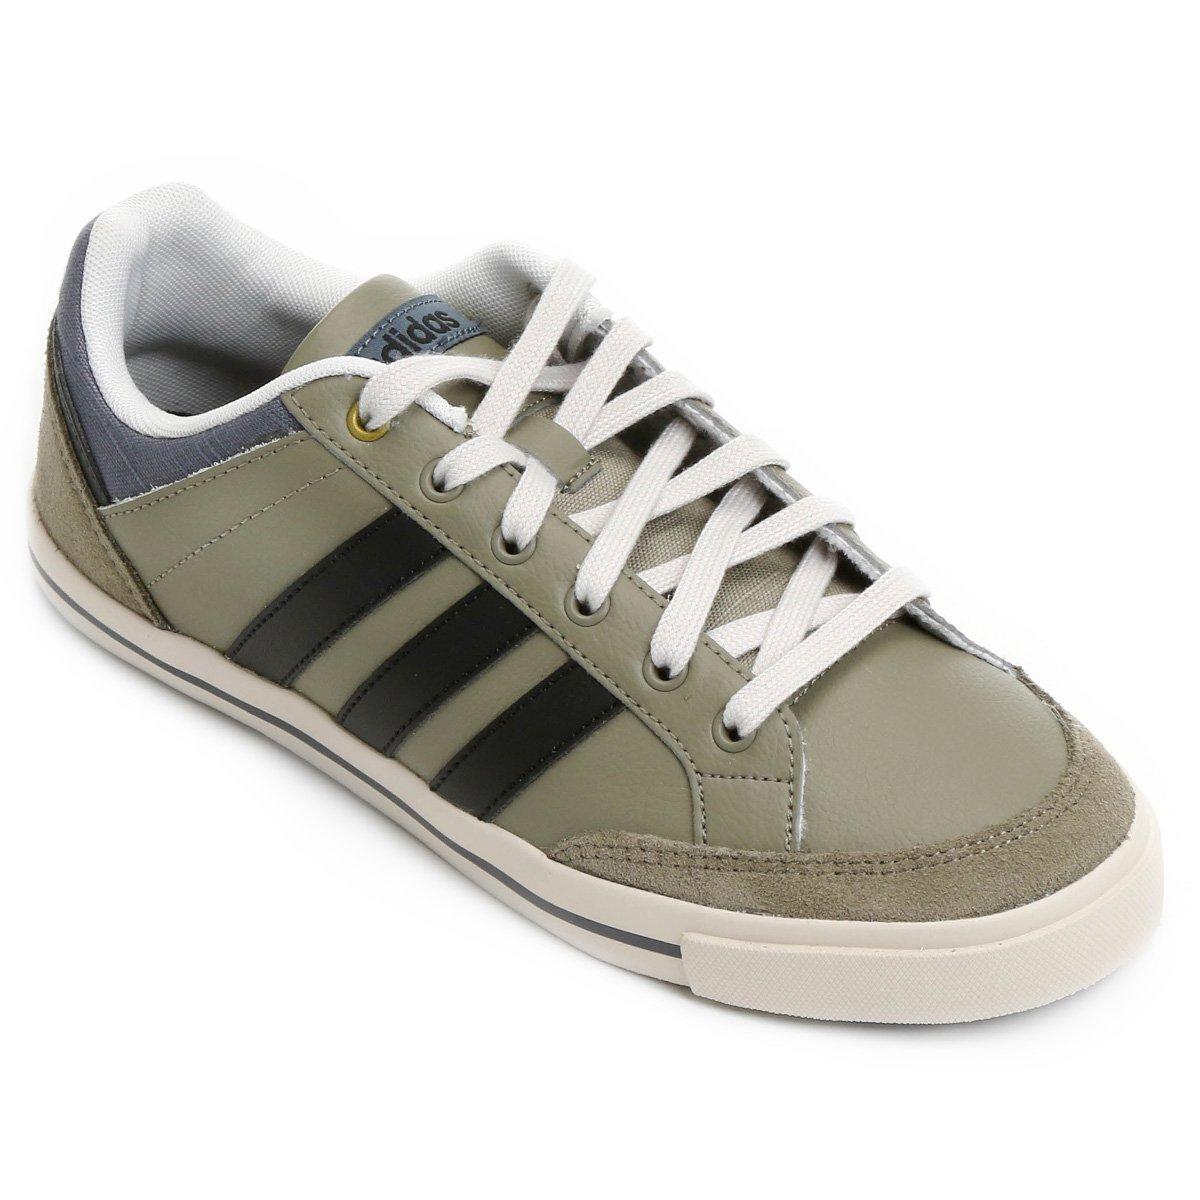 bas prix 33431 9ee05 Tênis Couro Adidas Cacity Masculino - Musgo e Preto